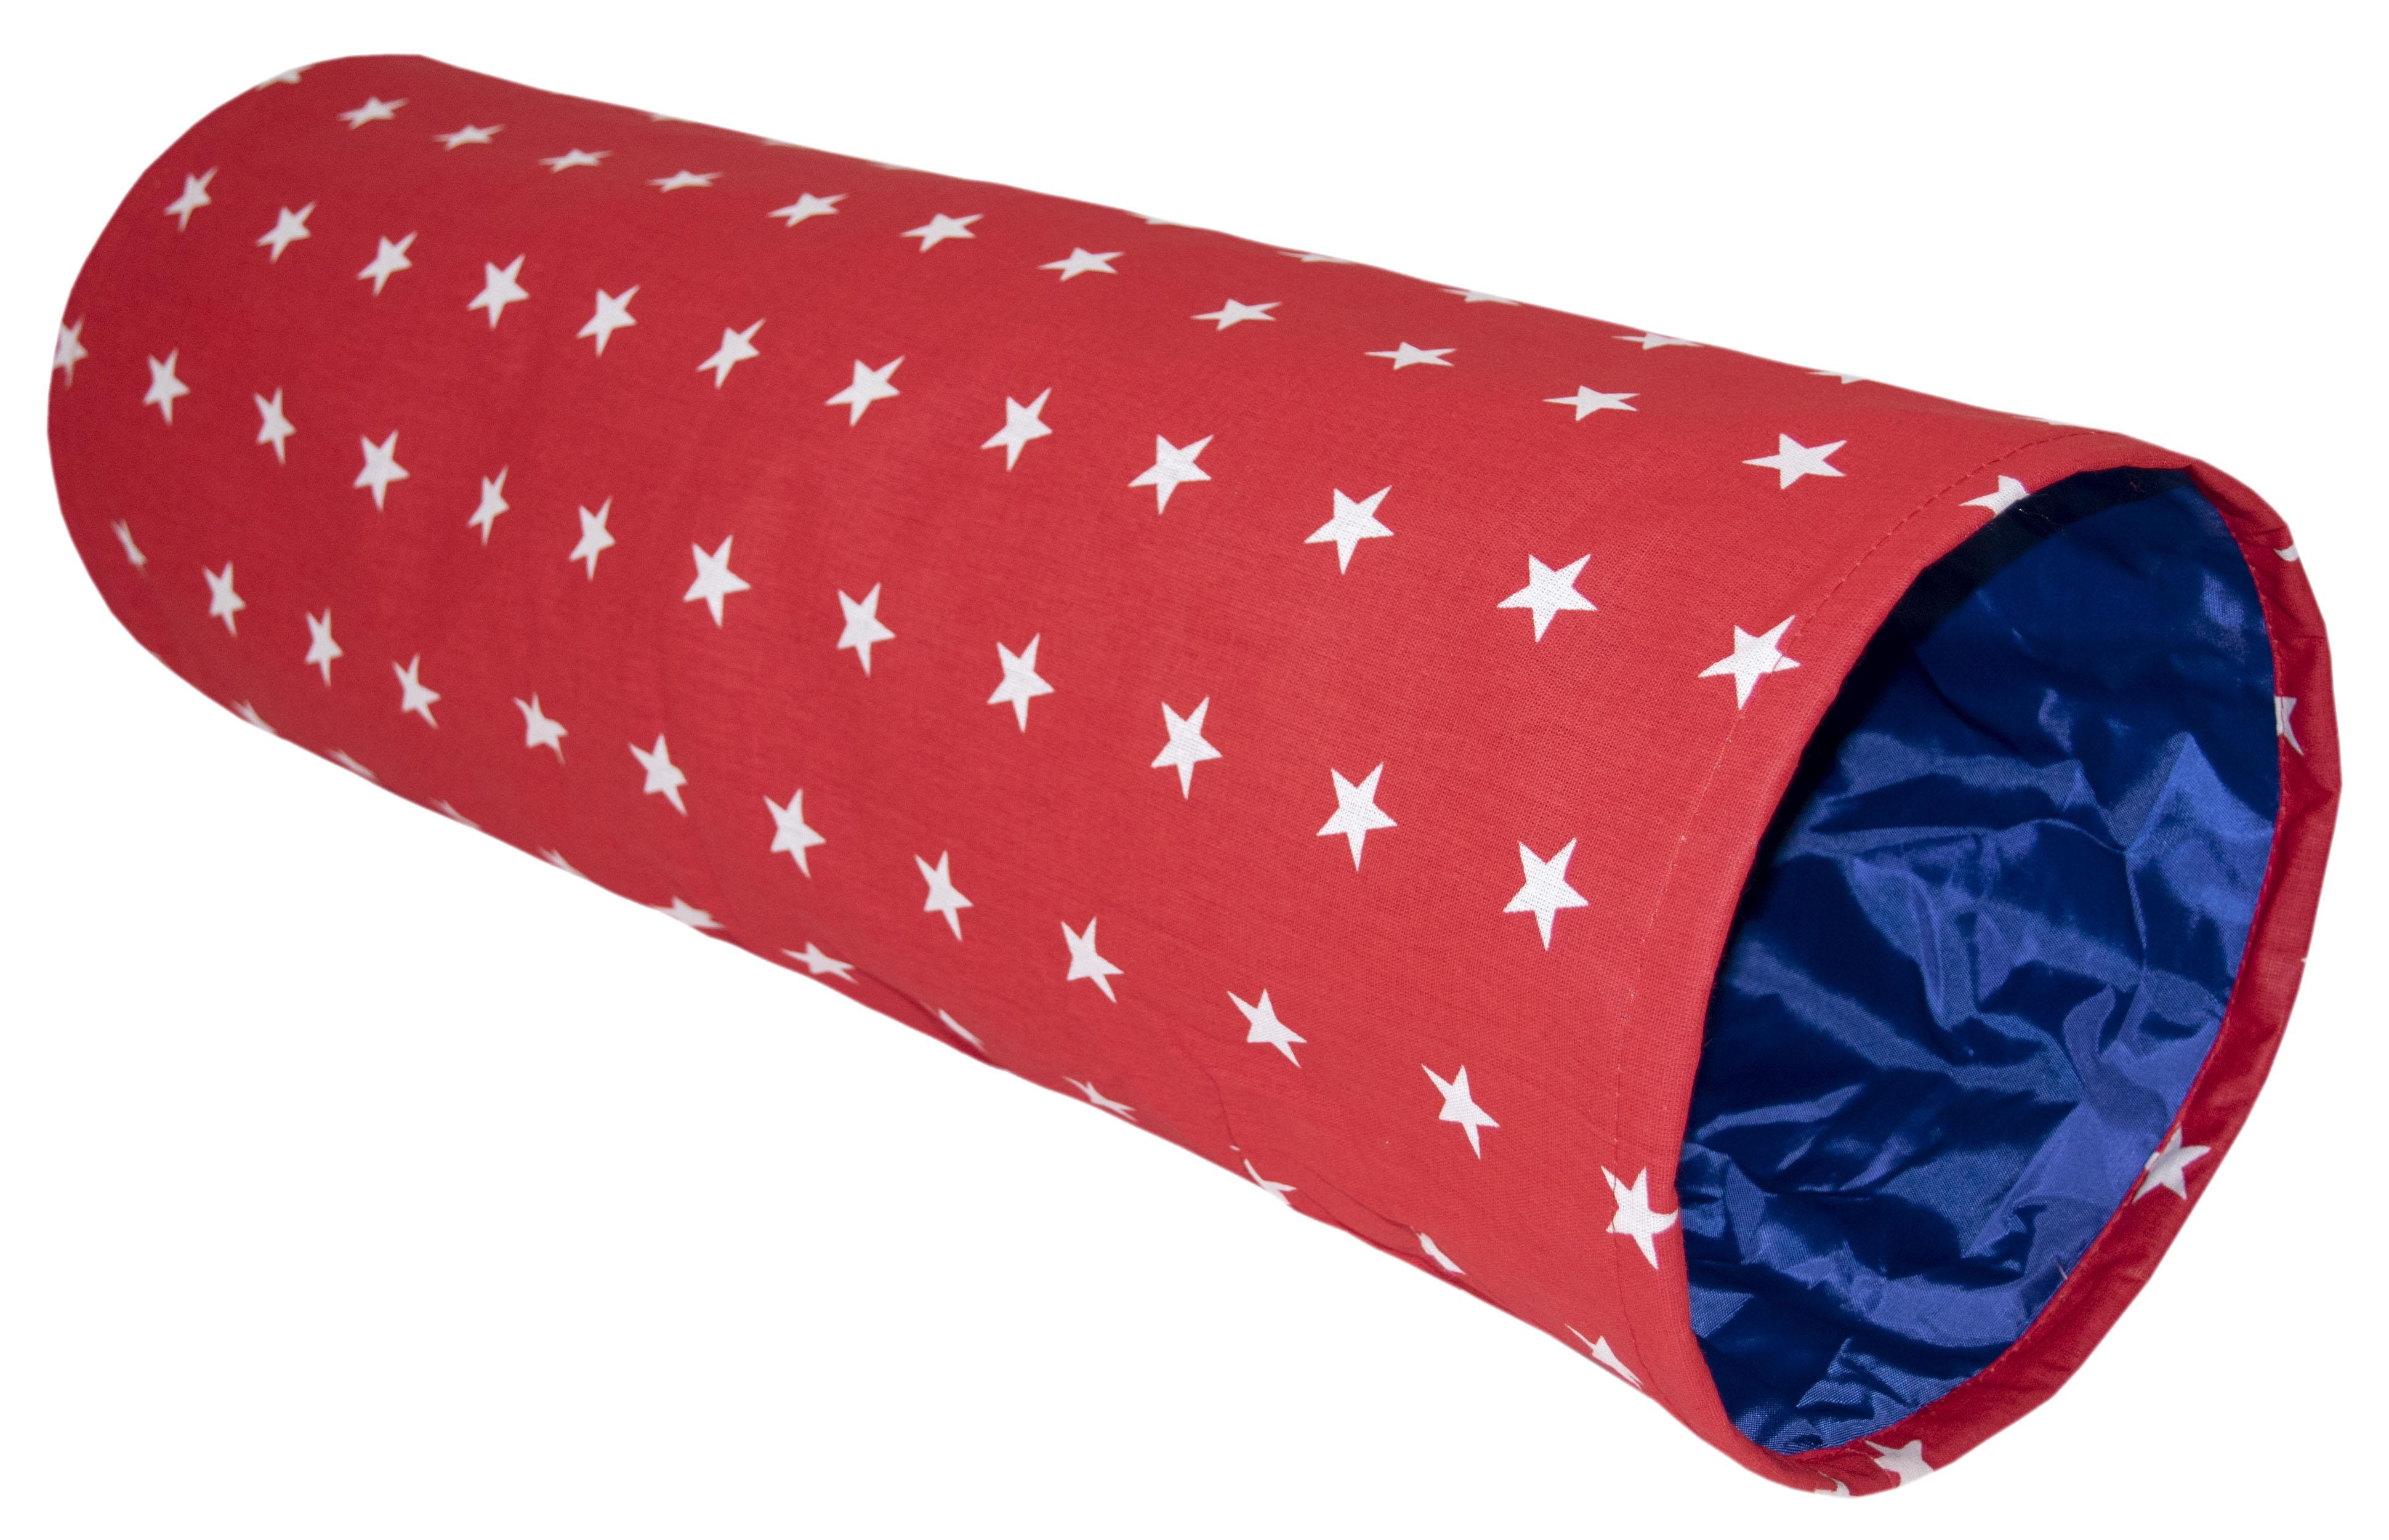 Туннель для кошек Великий Кот Звездочка, с шуршащим элементом, красный, 22х22х65см